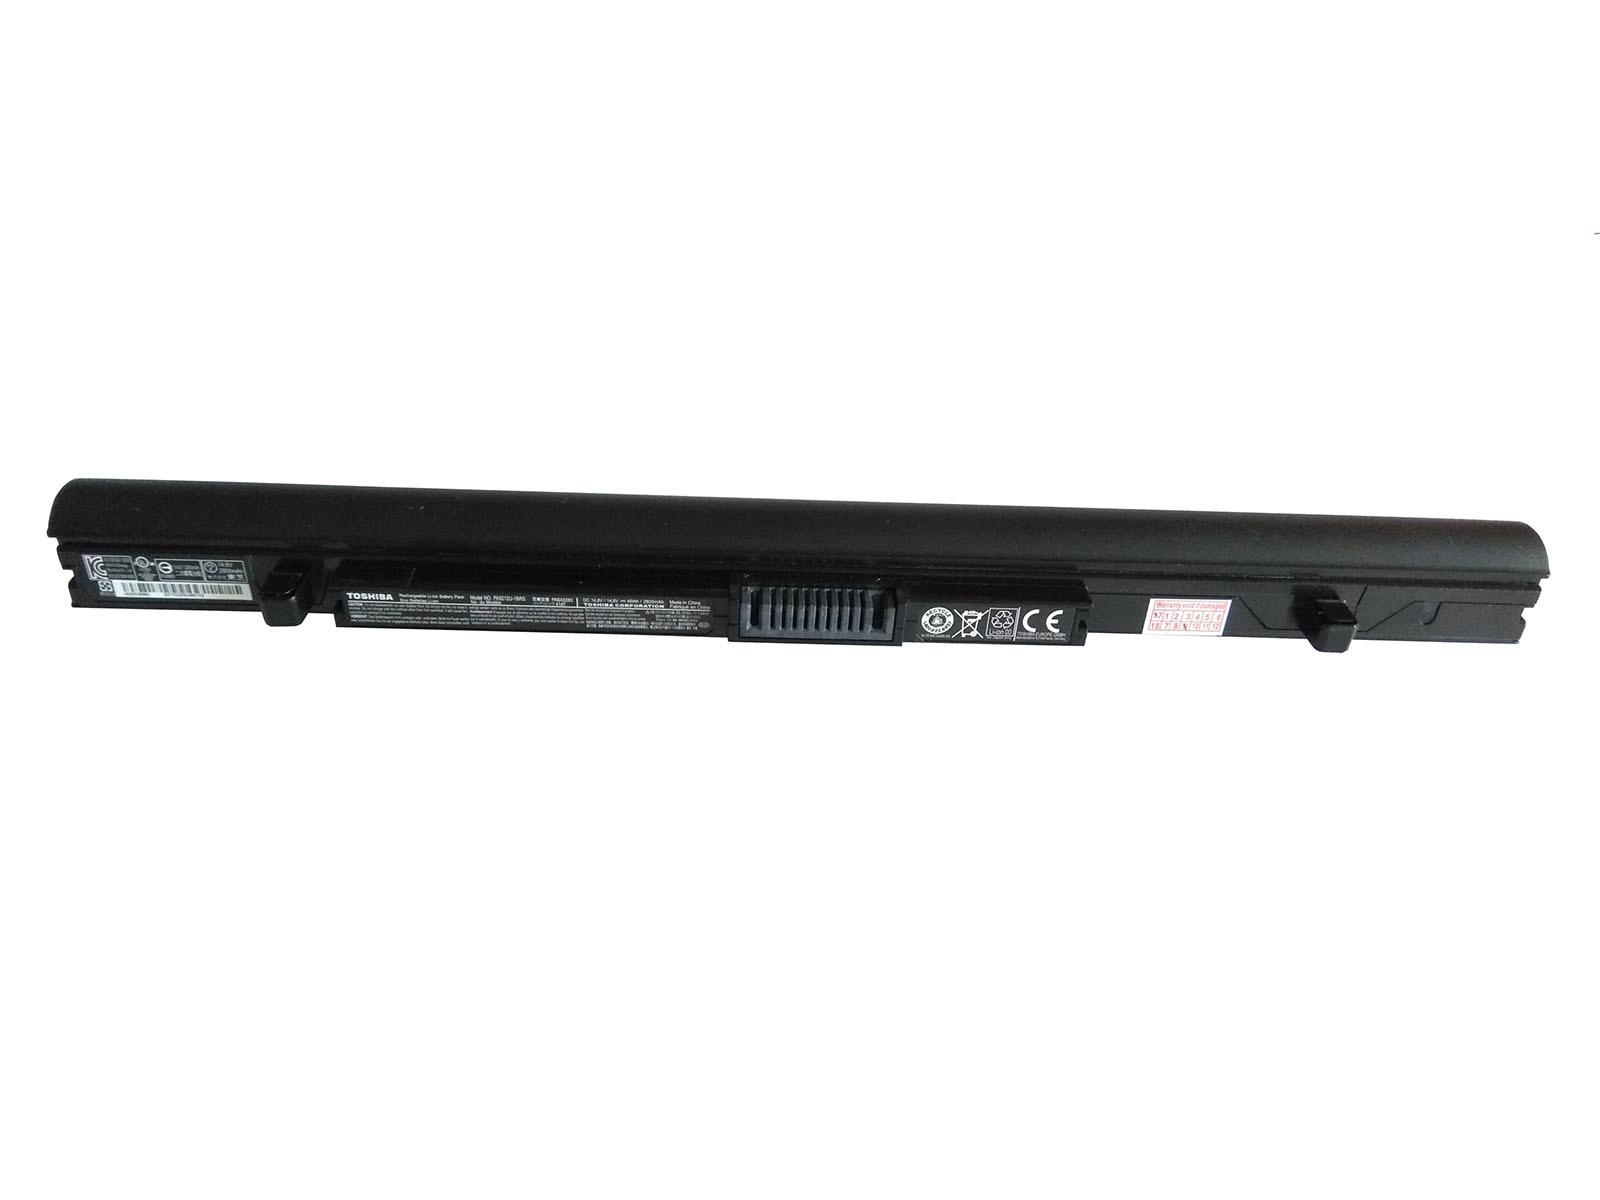 Genuine PA5212U-1BRS PABAS283 Toshiba Tecra C50-B-19W Battery - $49.99